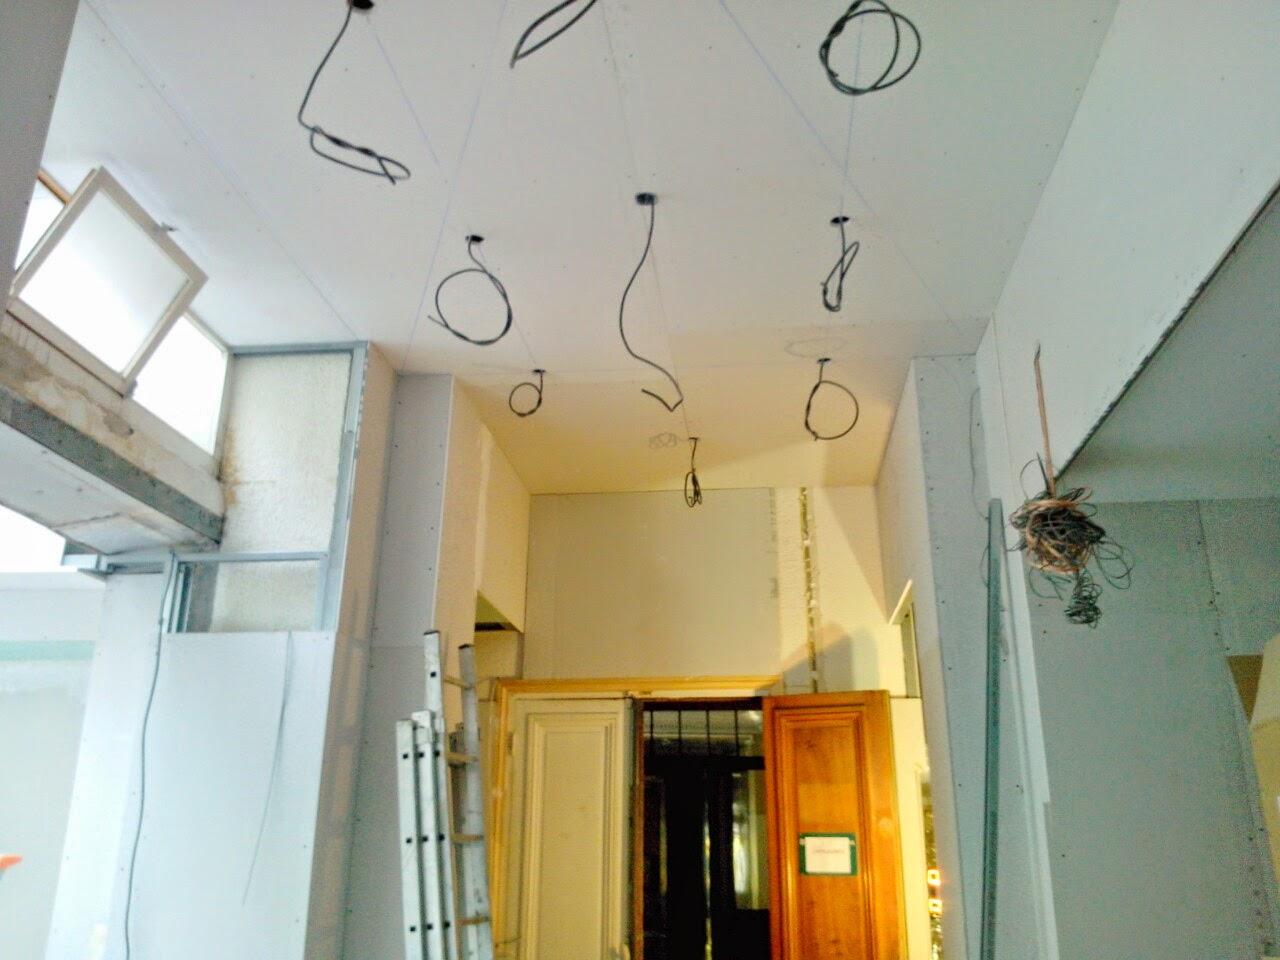 entreprise de rénovation, peinture, bâtiment et travaux appartements à paris